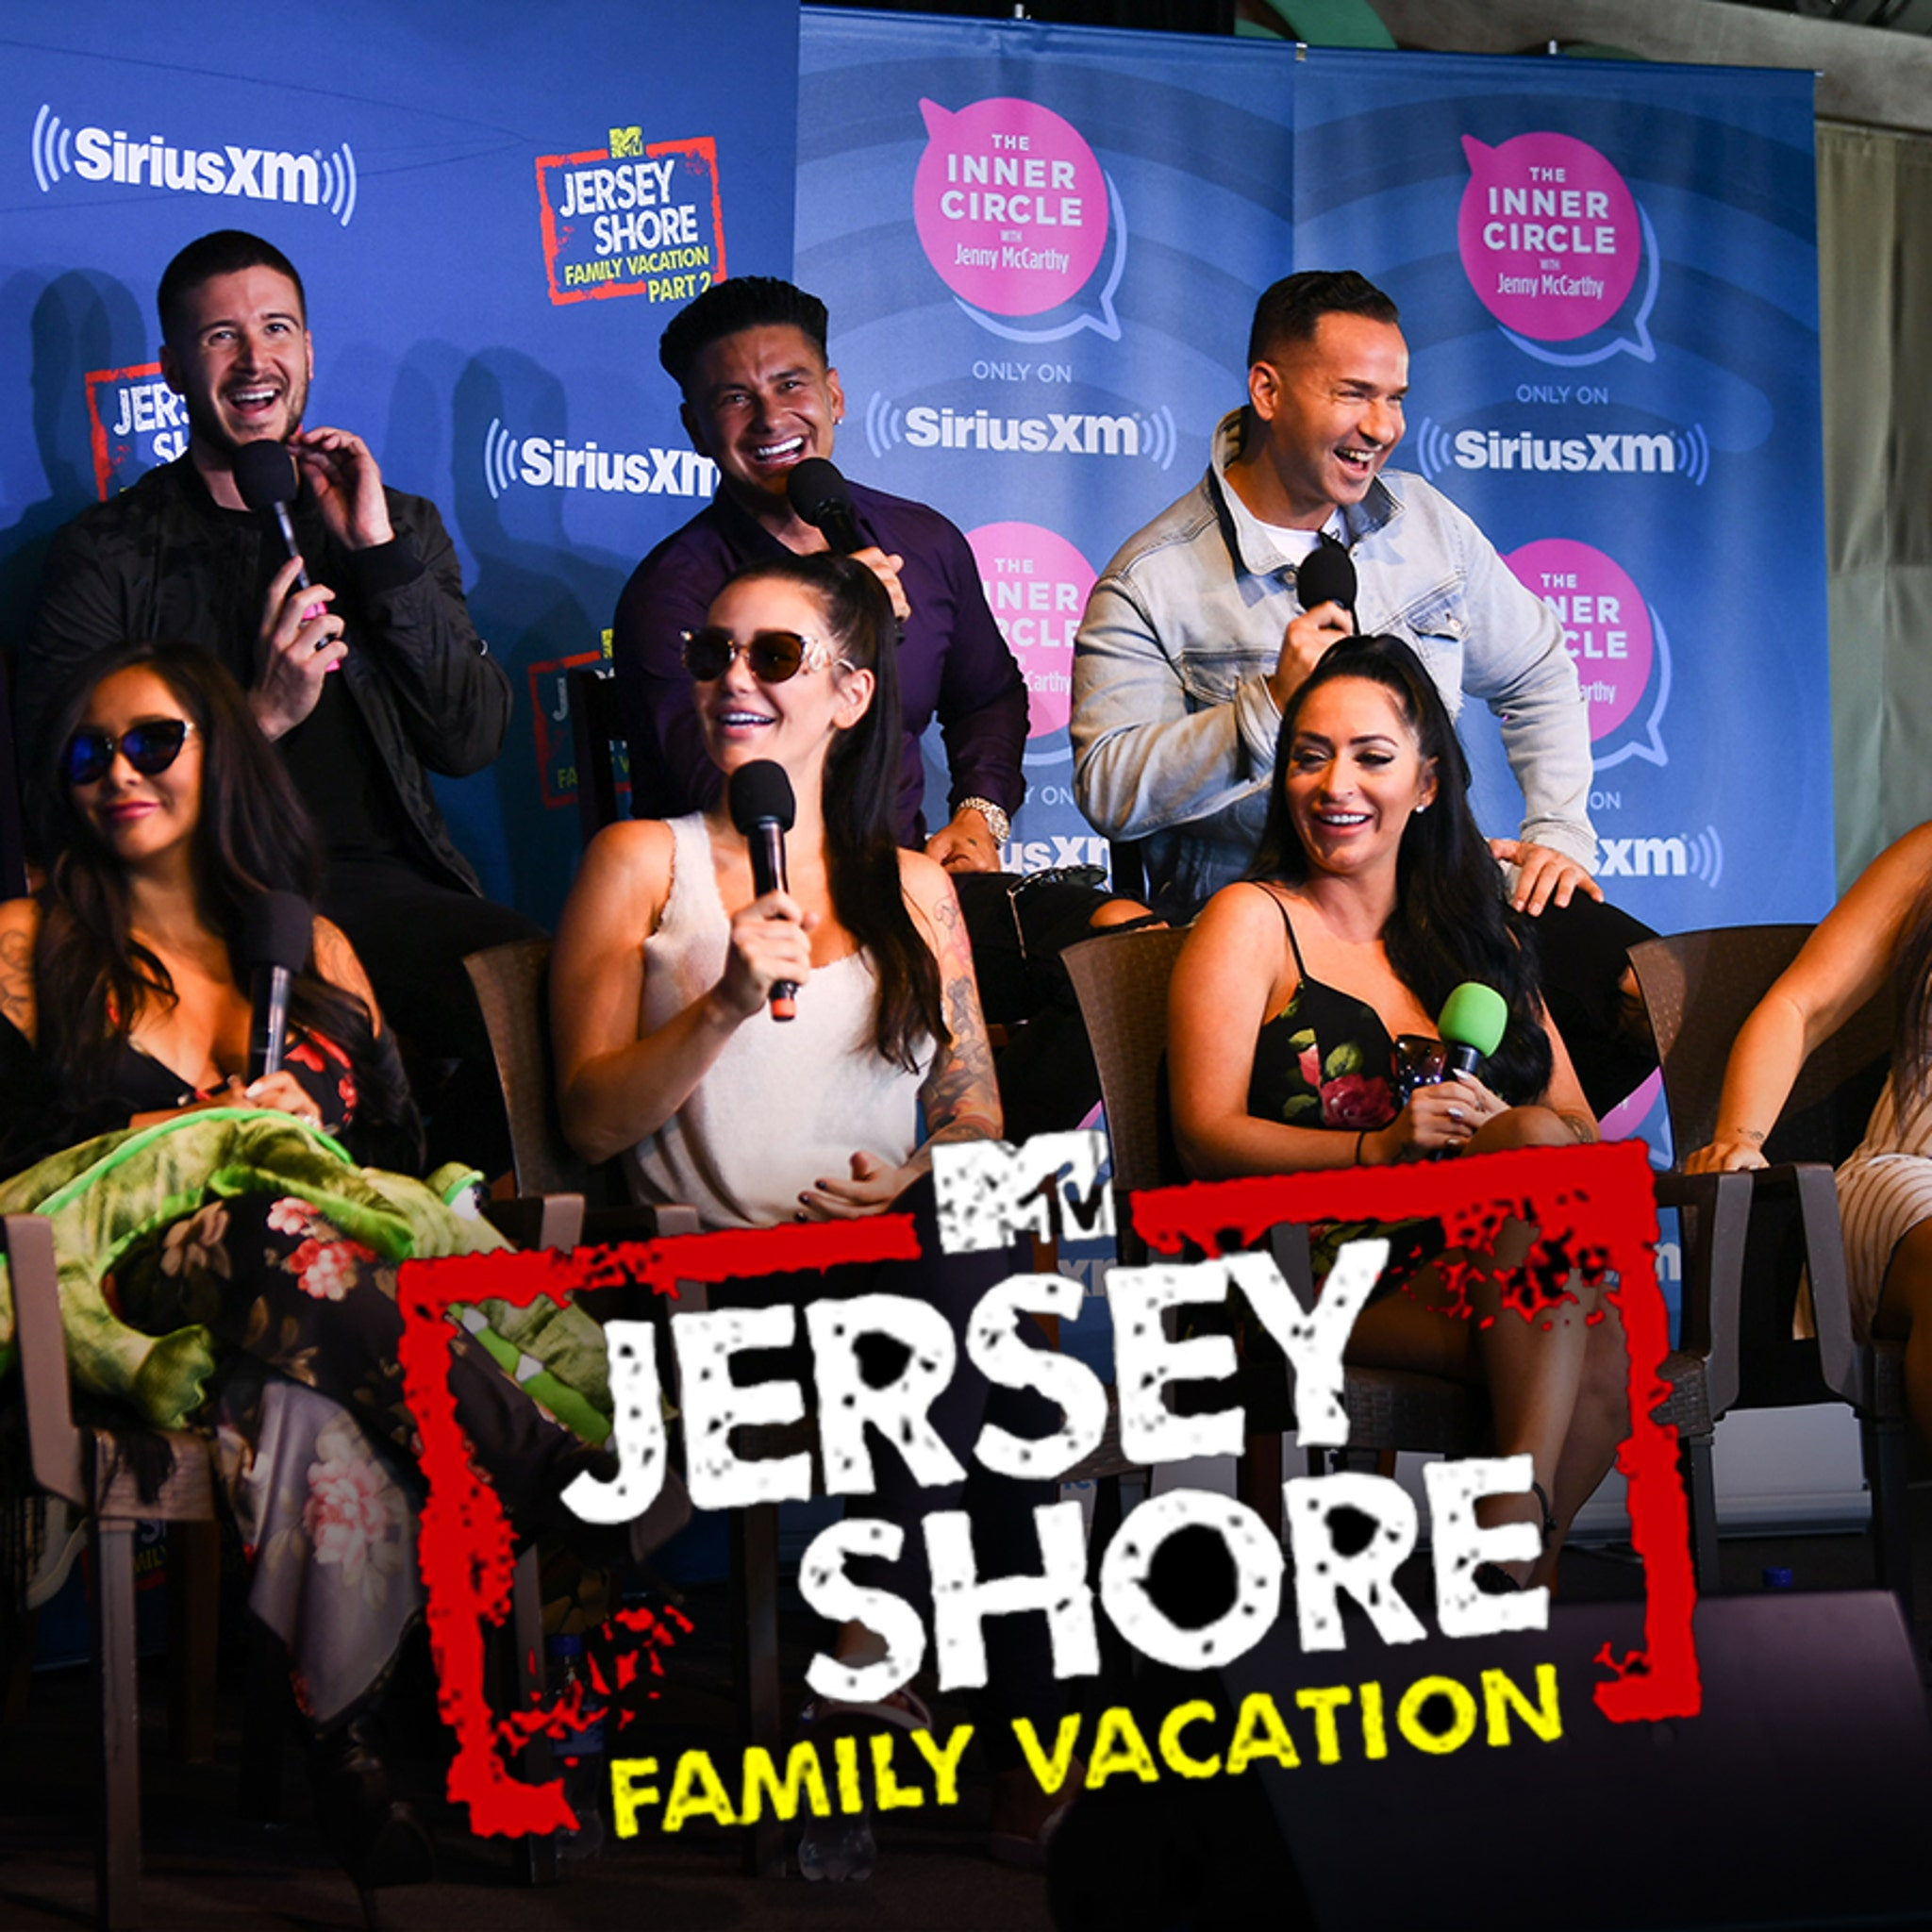 Jersey Shore: Family Vacation' Enters New Bubble to Finish Season 4